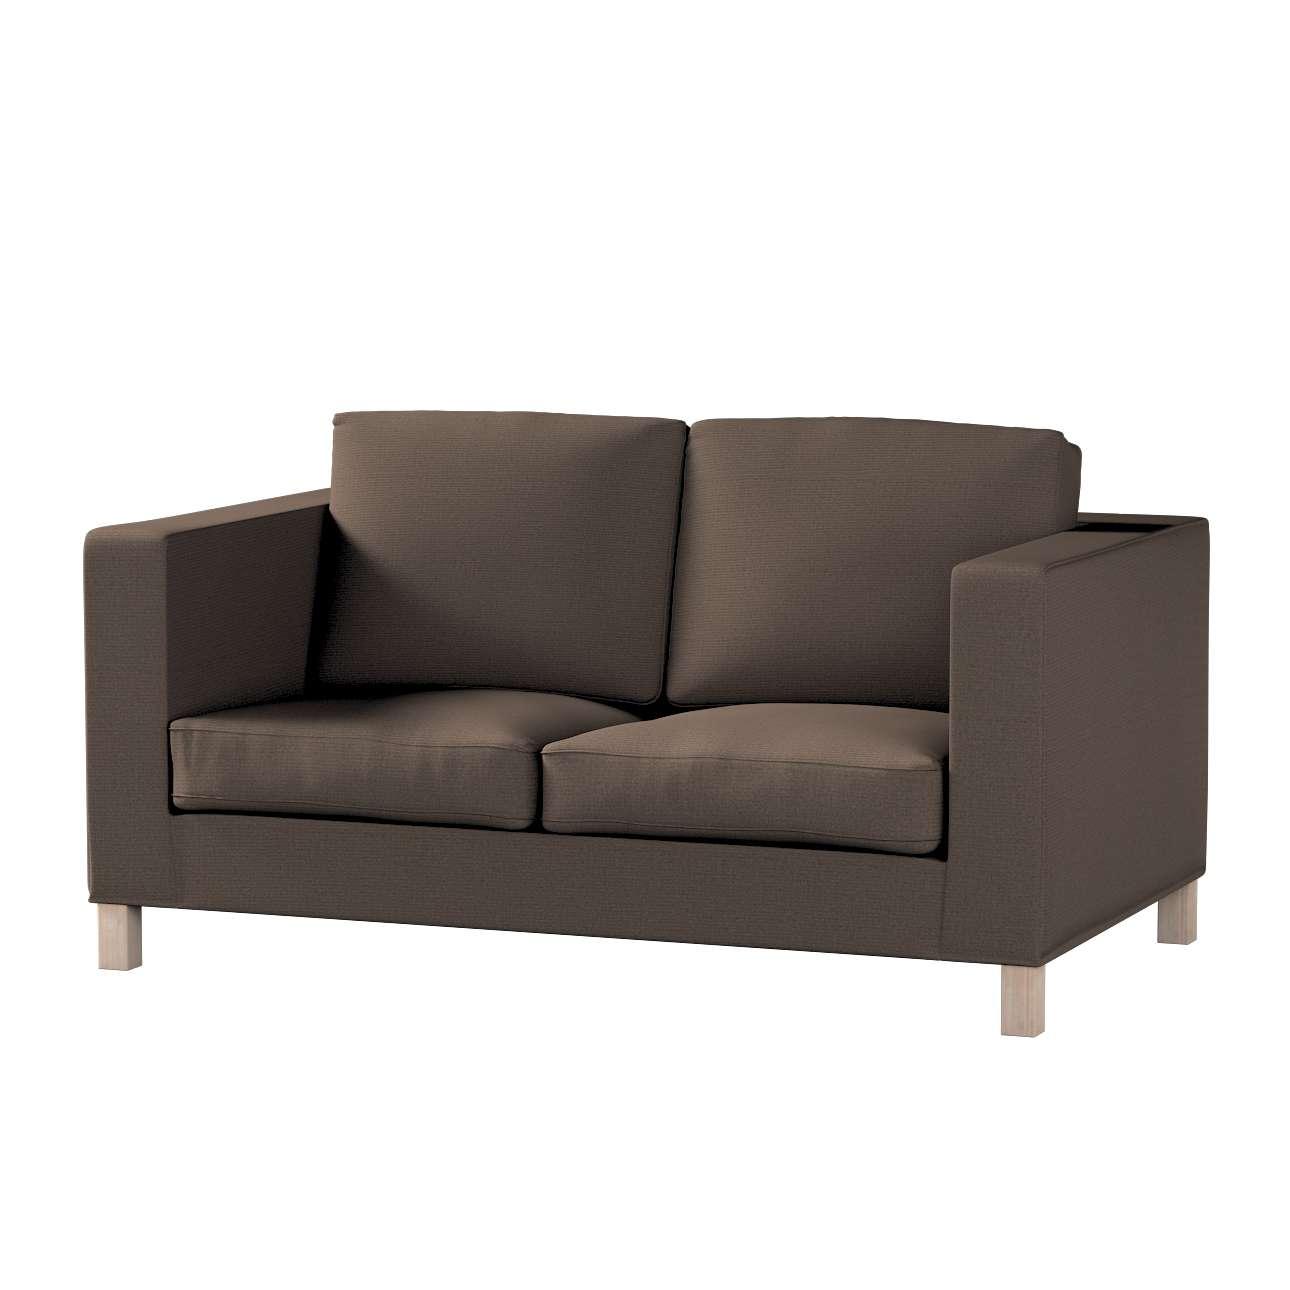 Pokrowiec na sofę Karlanda 2-osobową nierozkładaną, krótki w kolekcji Etna, tkanina: 705-08